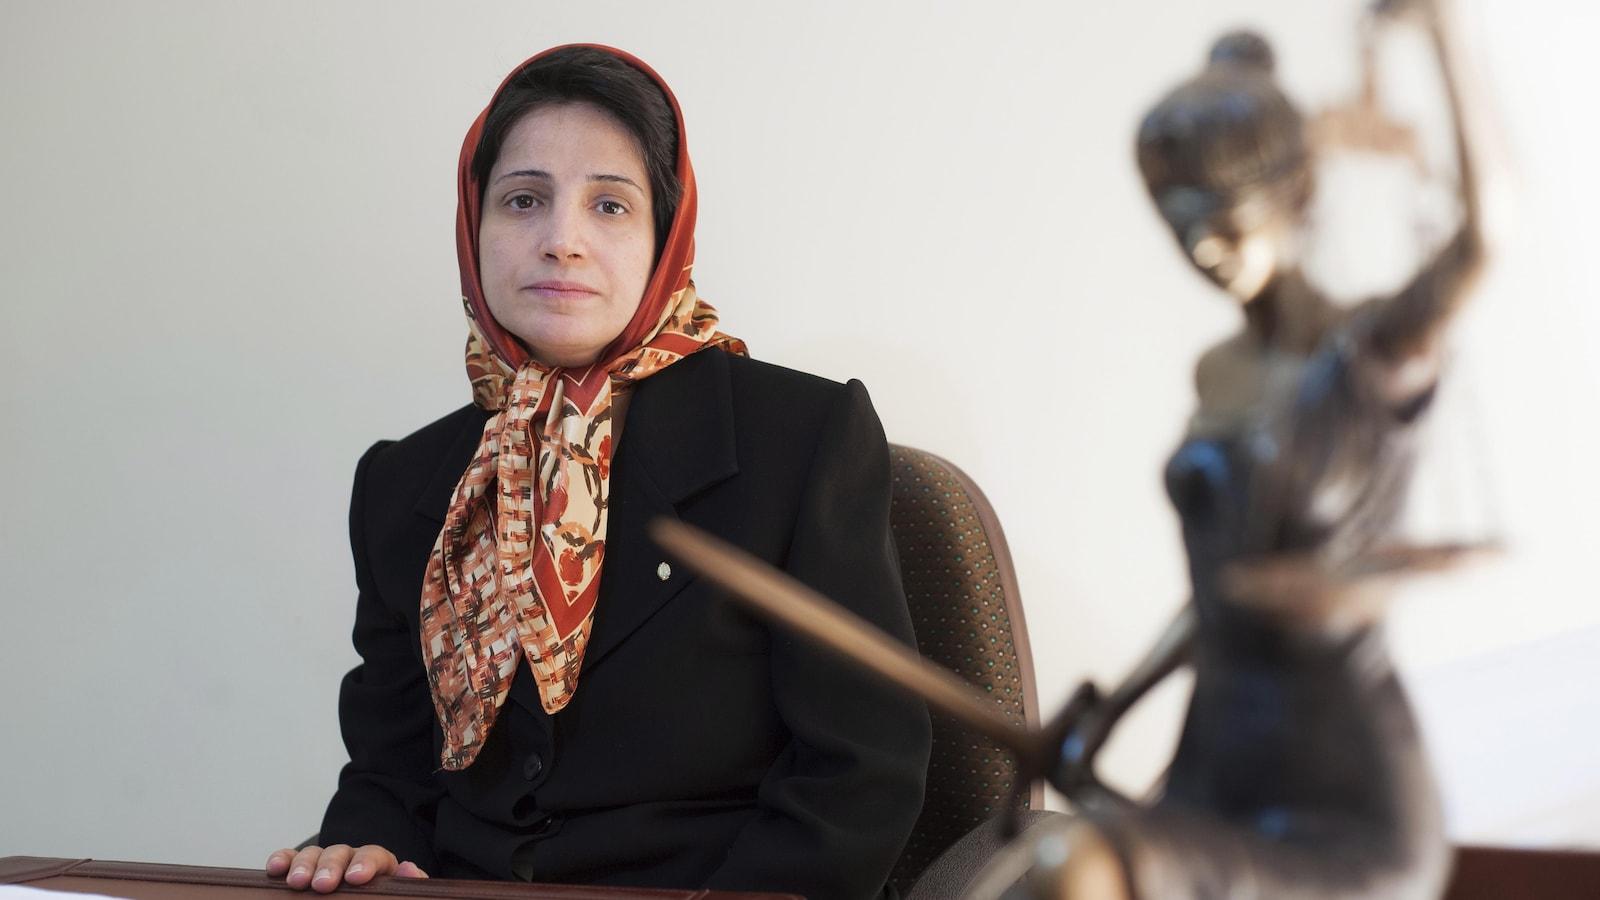 L'avocate Nasrin Sotoudeh lourdement condamnée — Iran